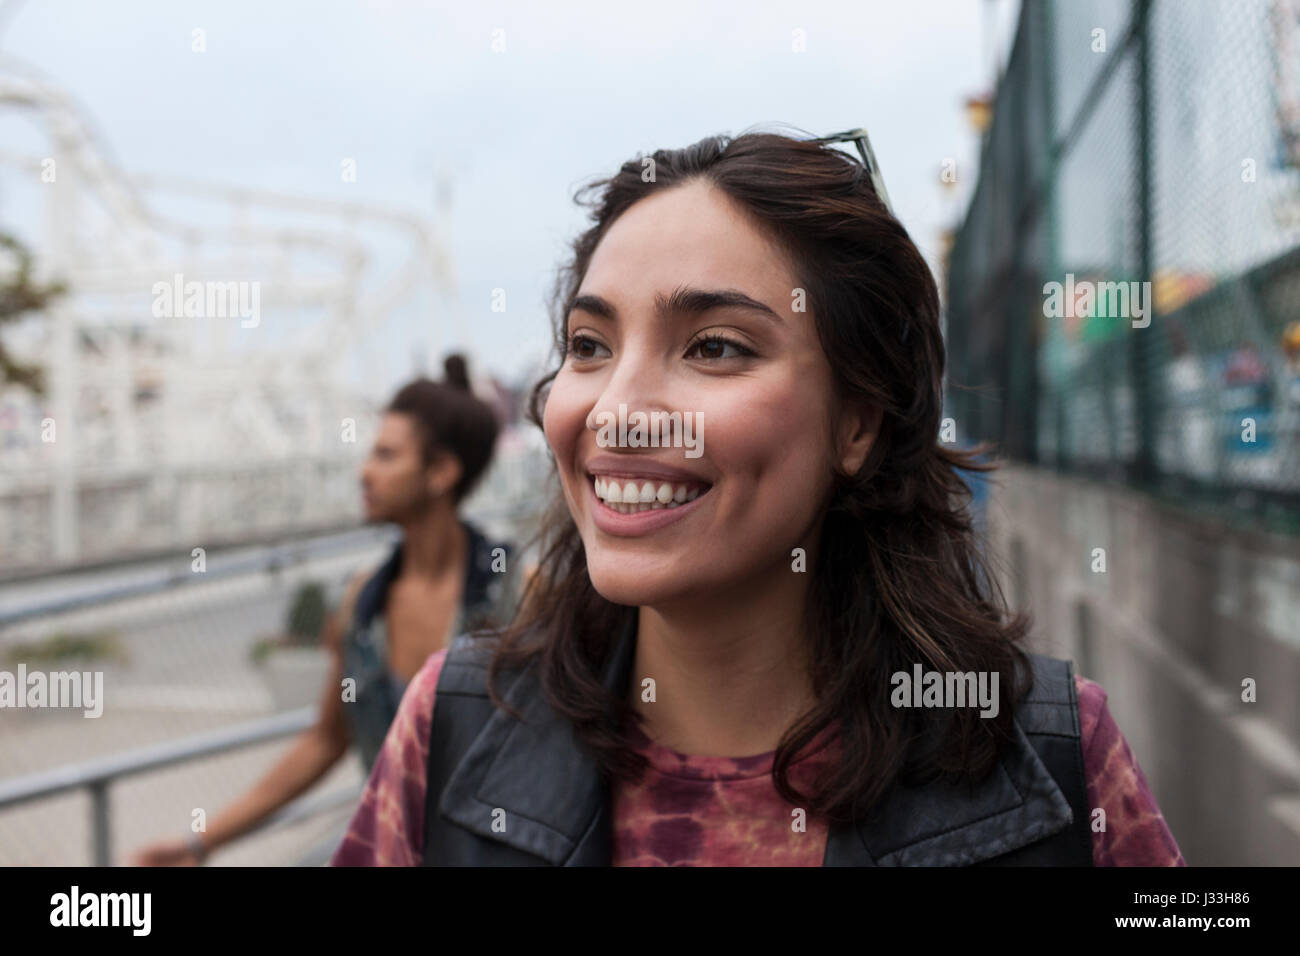 Retrato de una joven y bella mujer Imagen De Stock